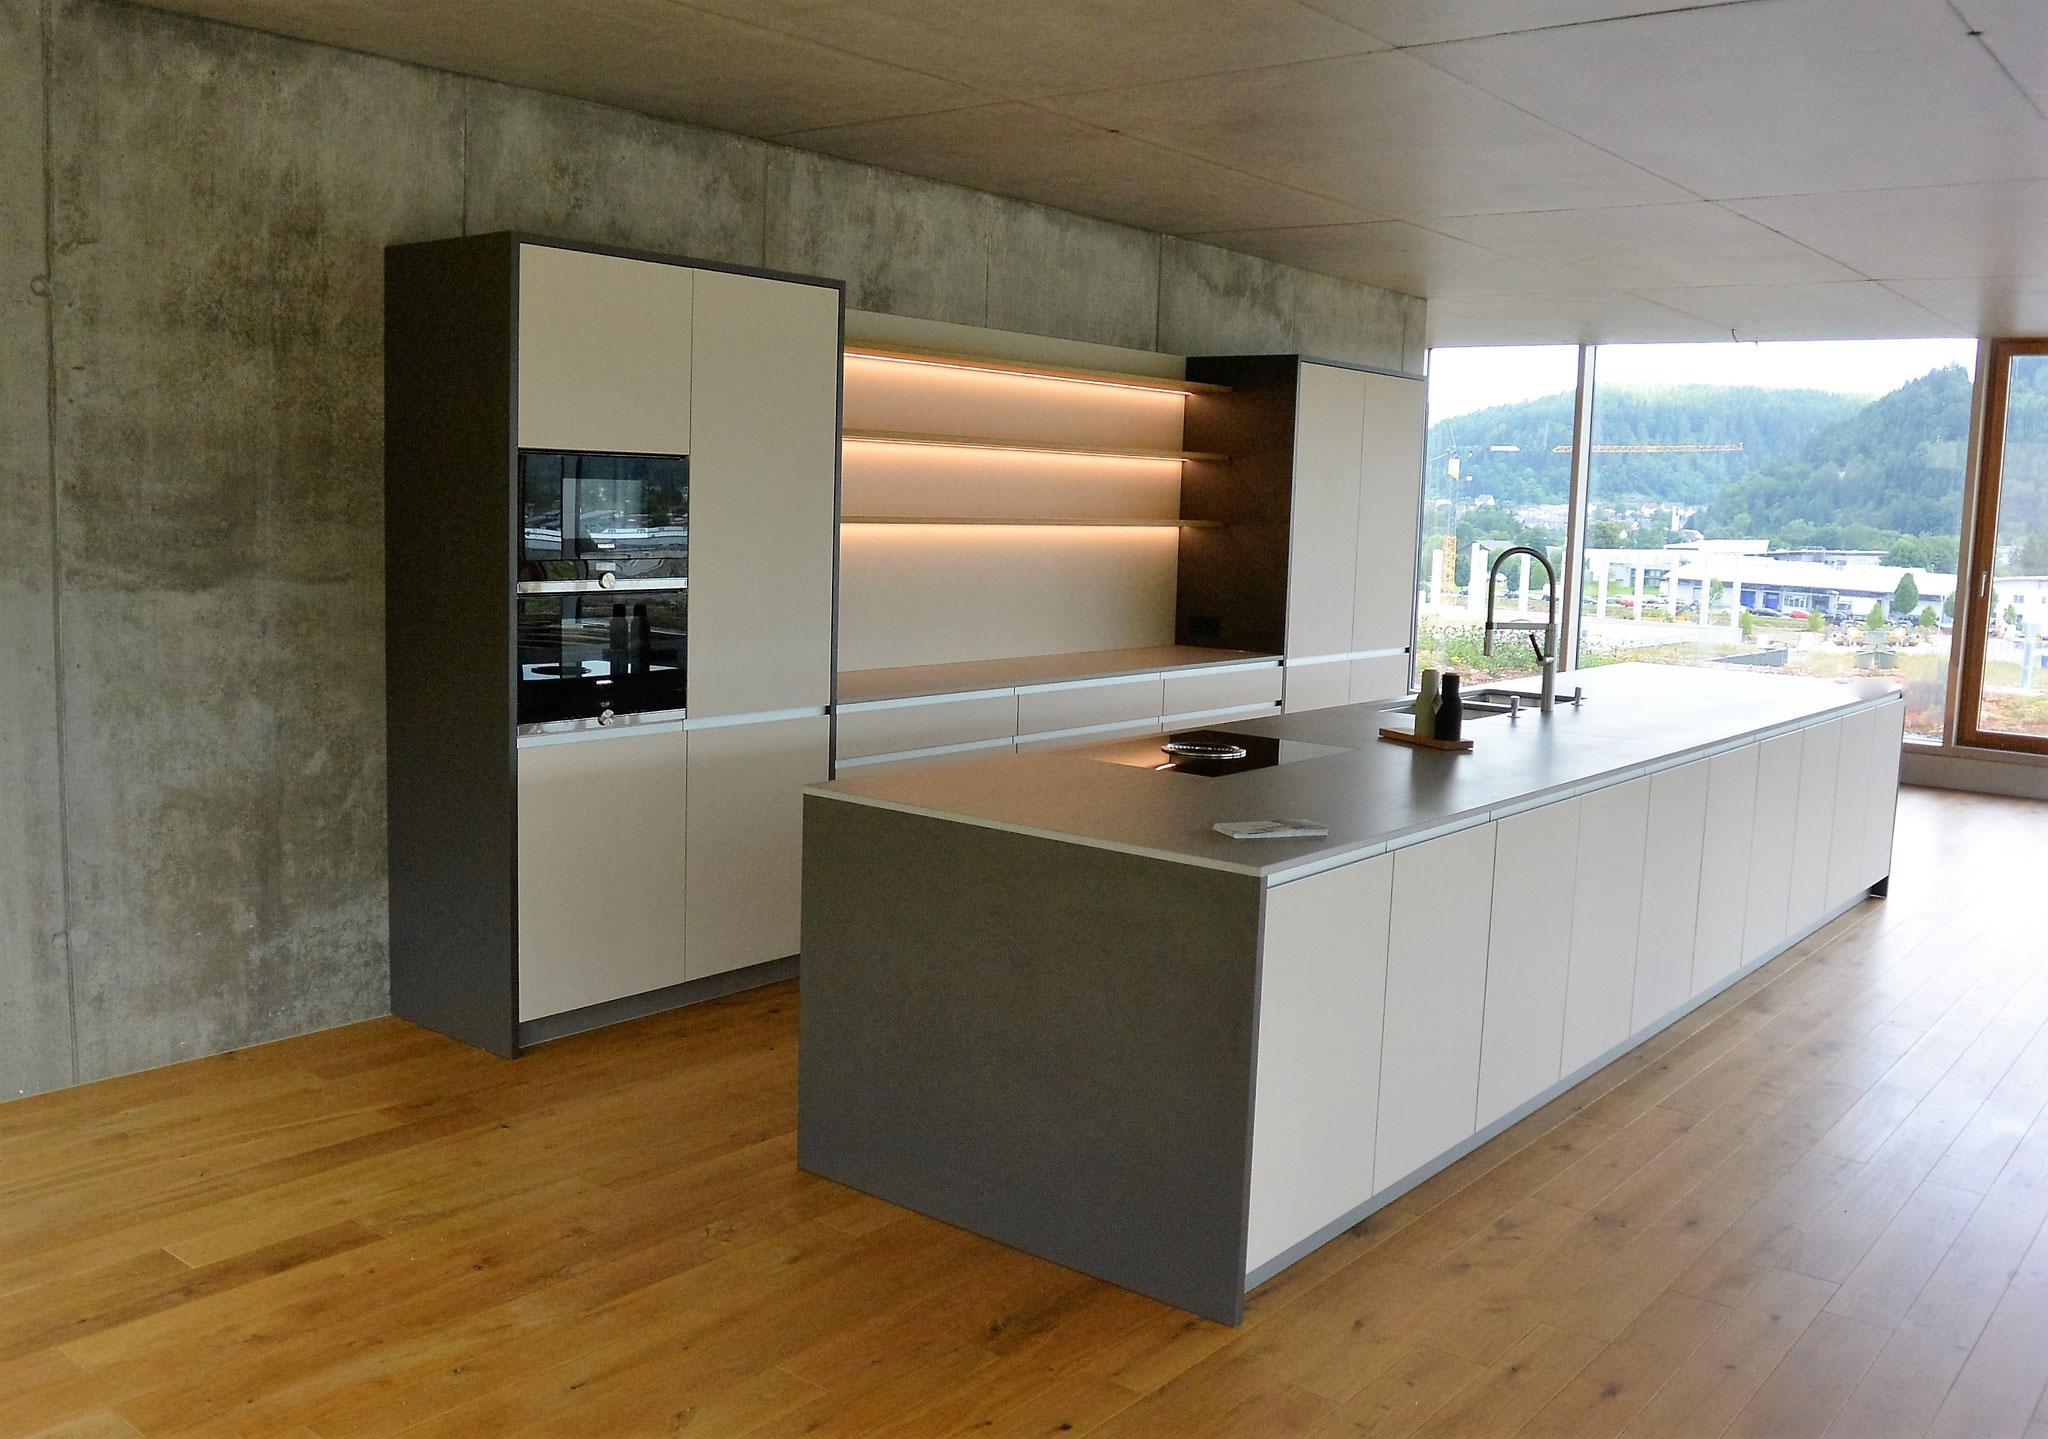 Küche vom Schreiner Holzdesign Ralf Rapp in Geisingen